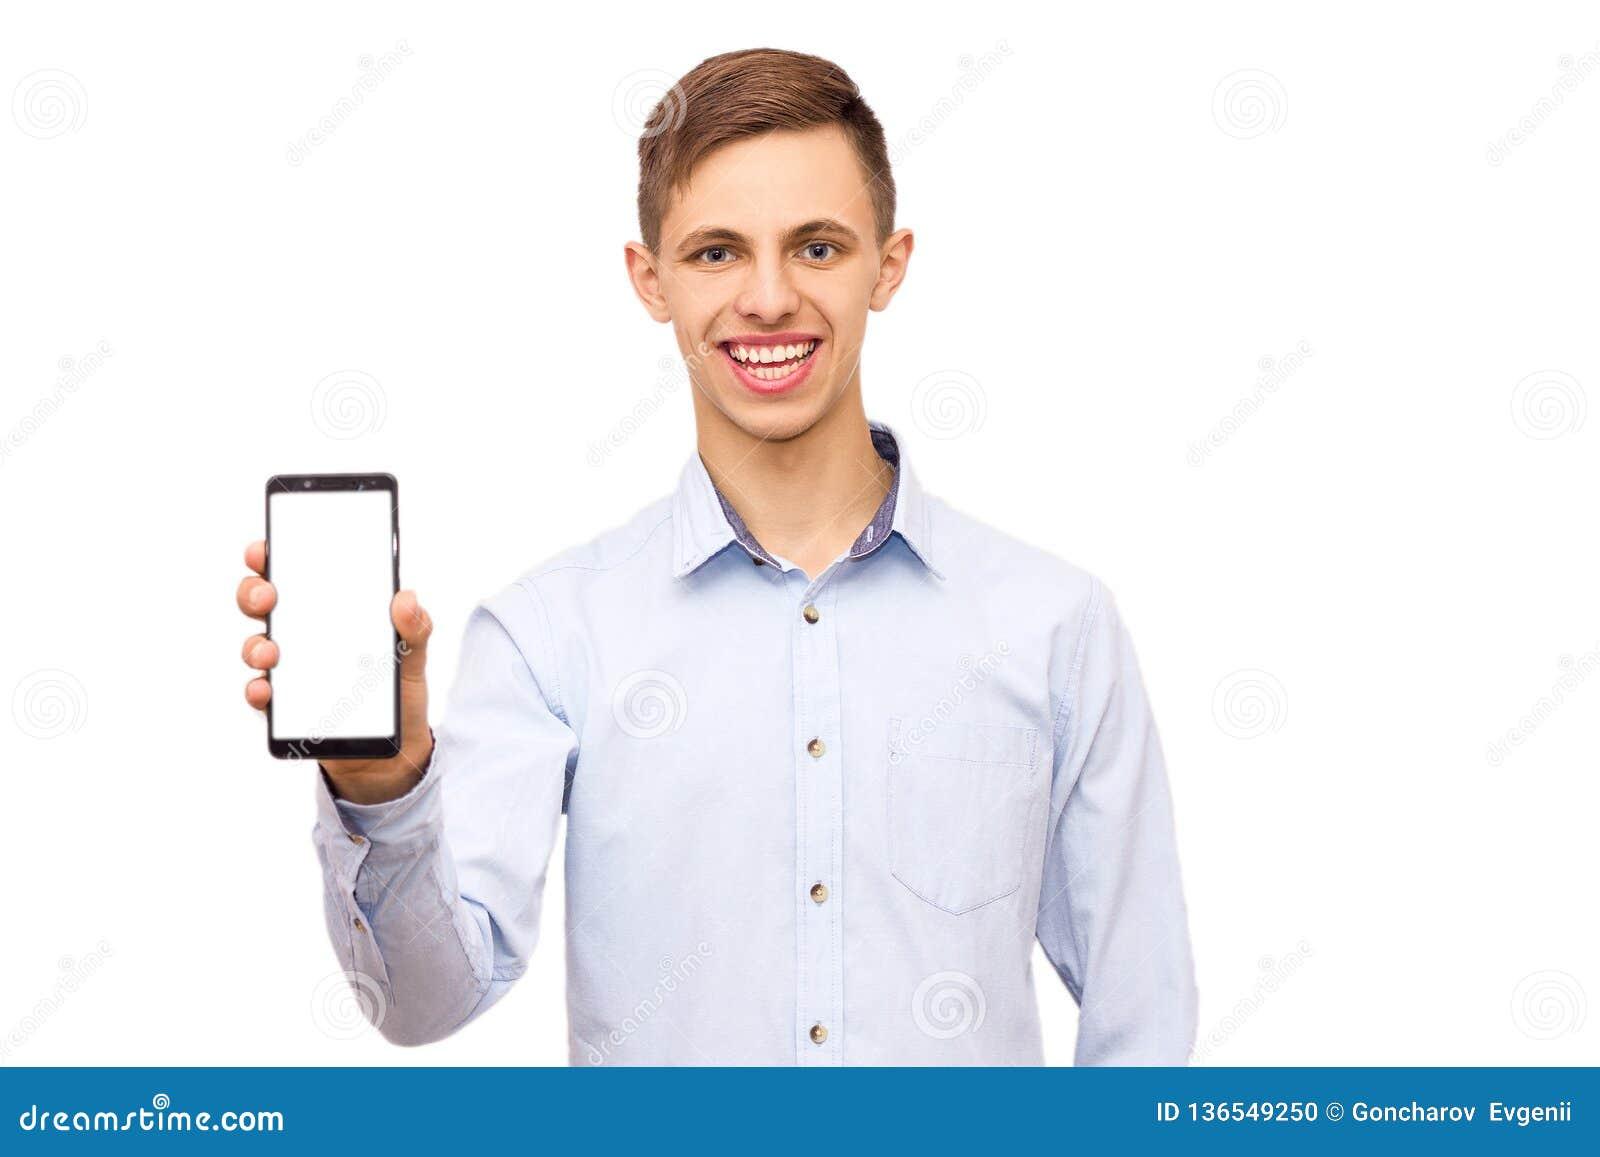 Grabben i skjorta annonserar telefonen